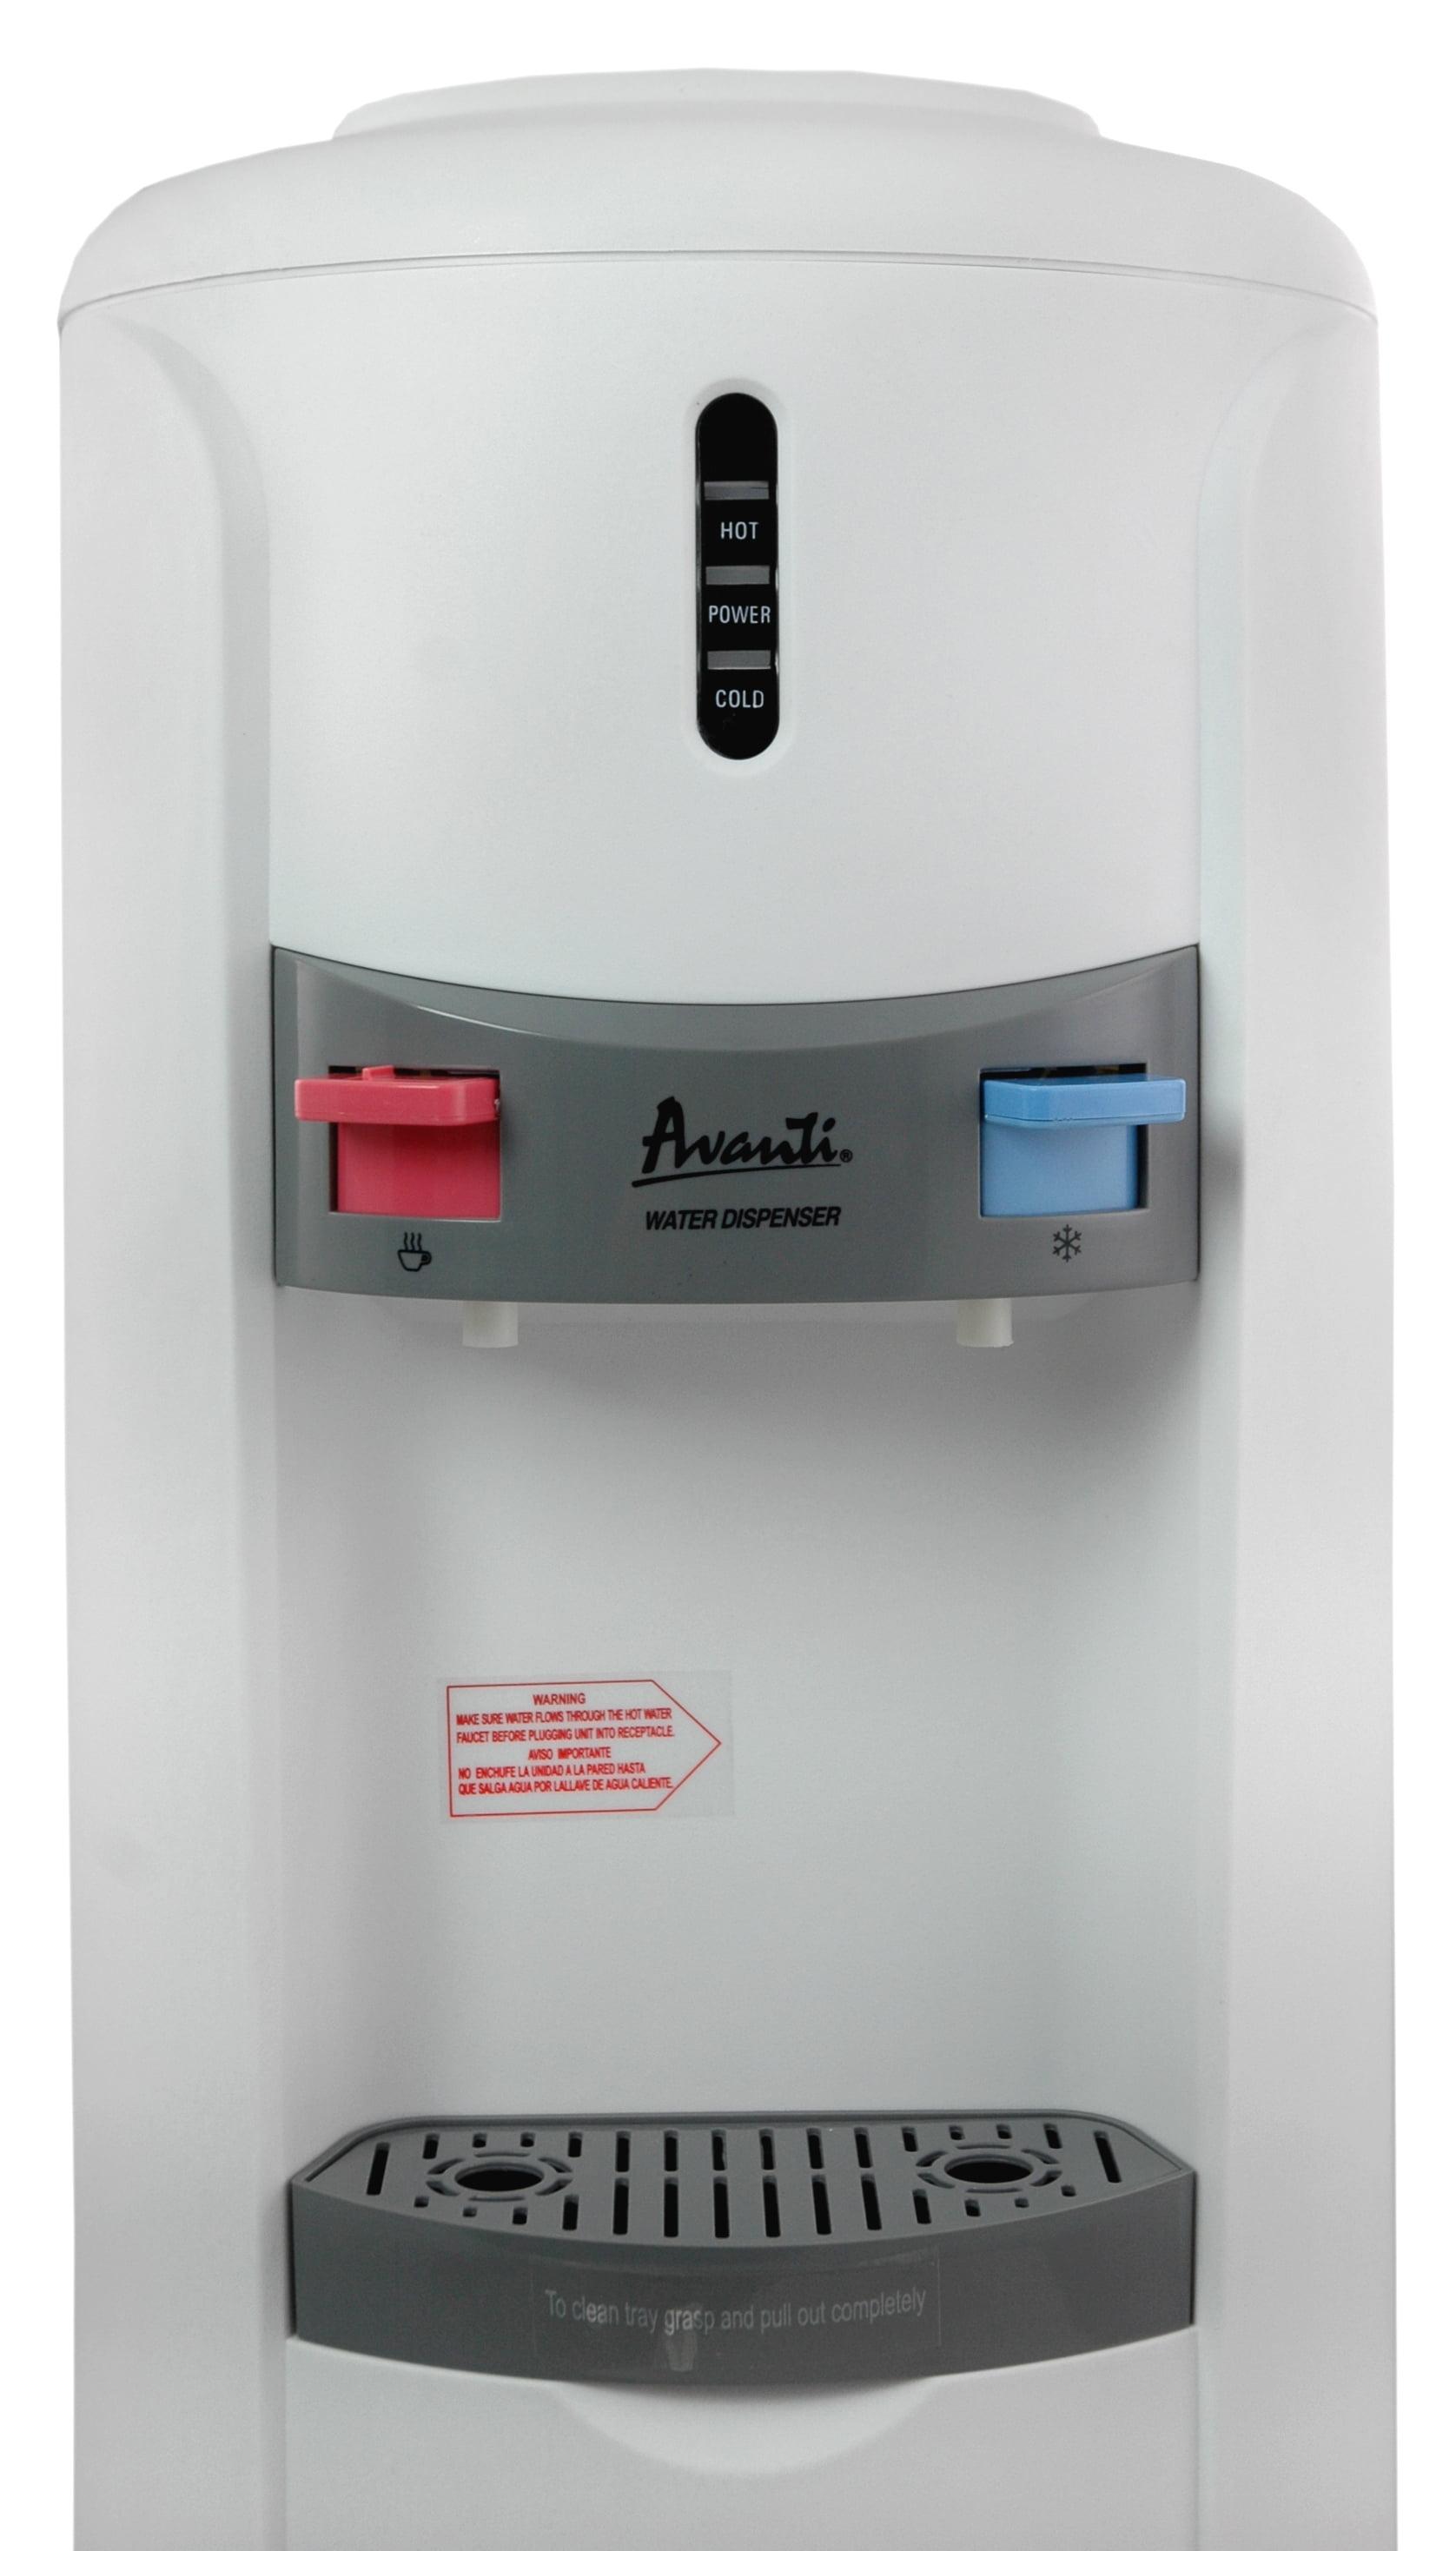 Avanti Hot U0026amp; Cold Water Dispenser   Walmart.com